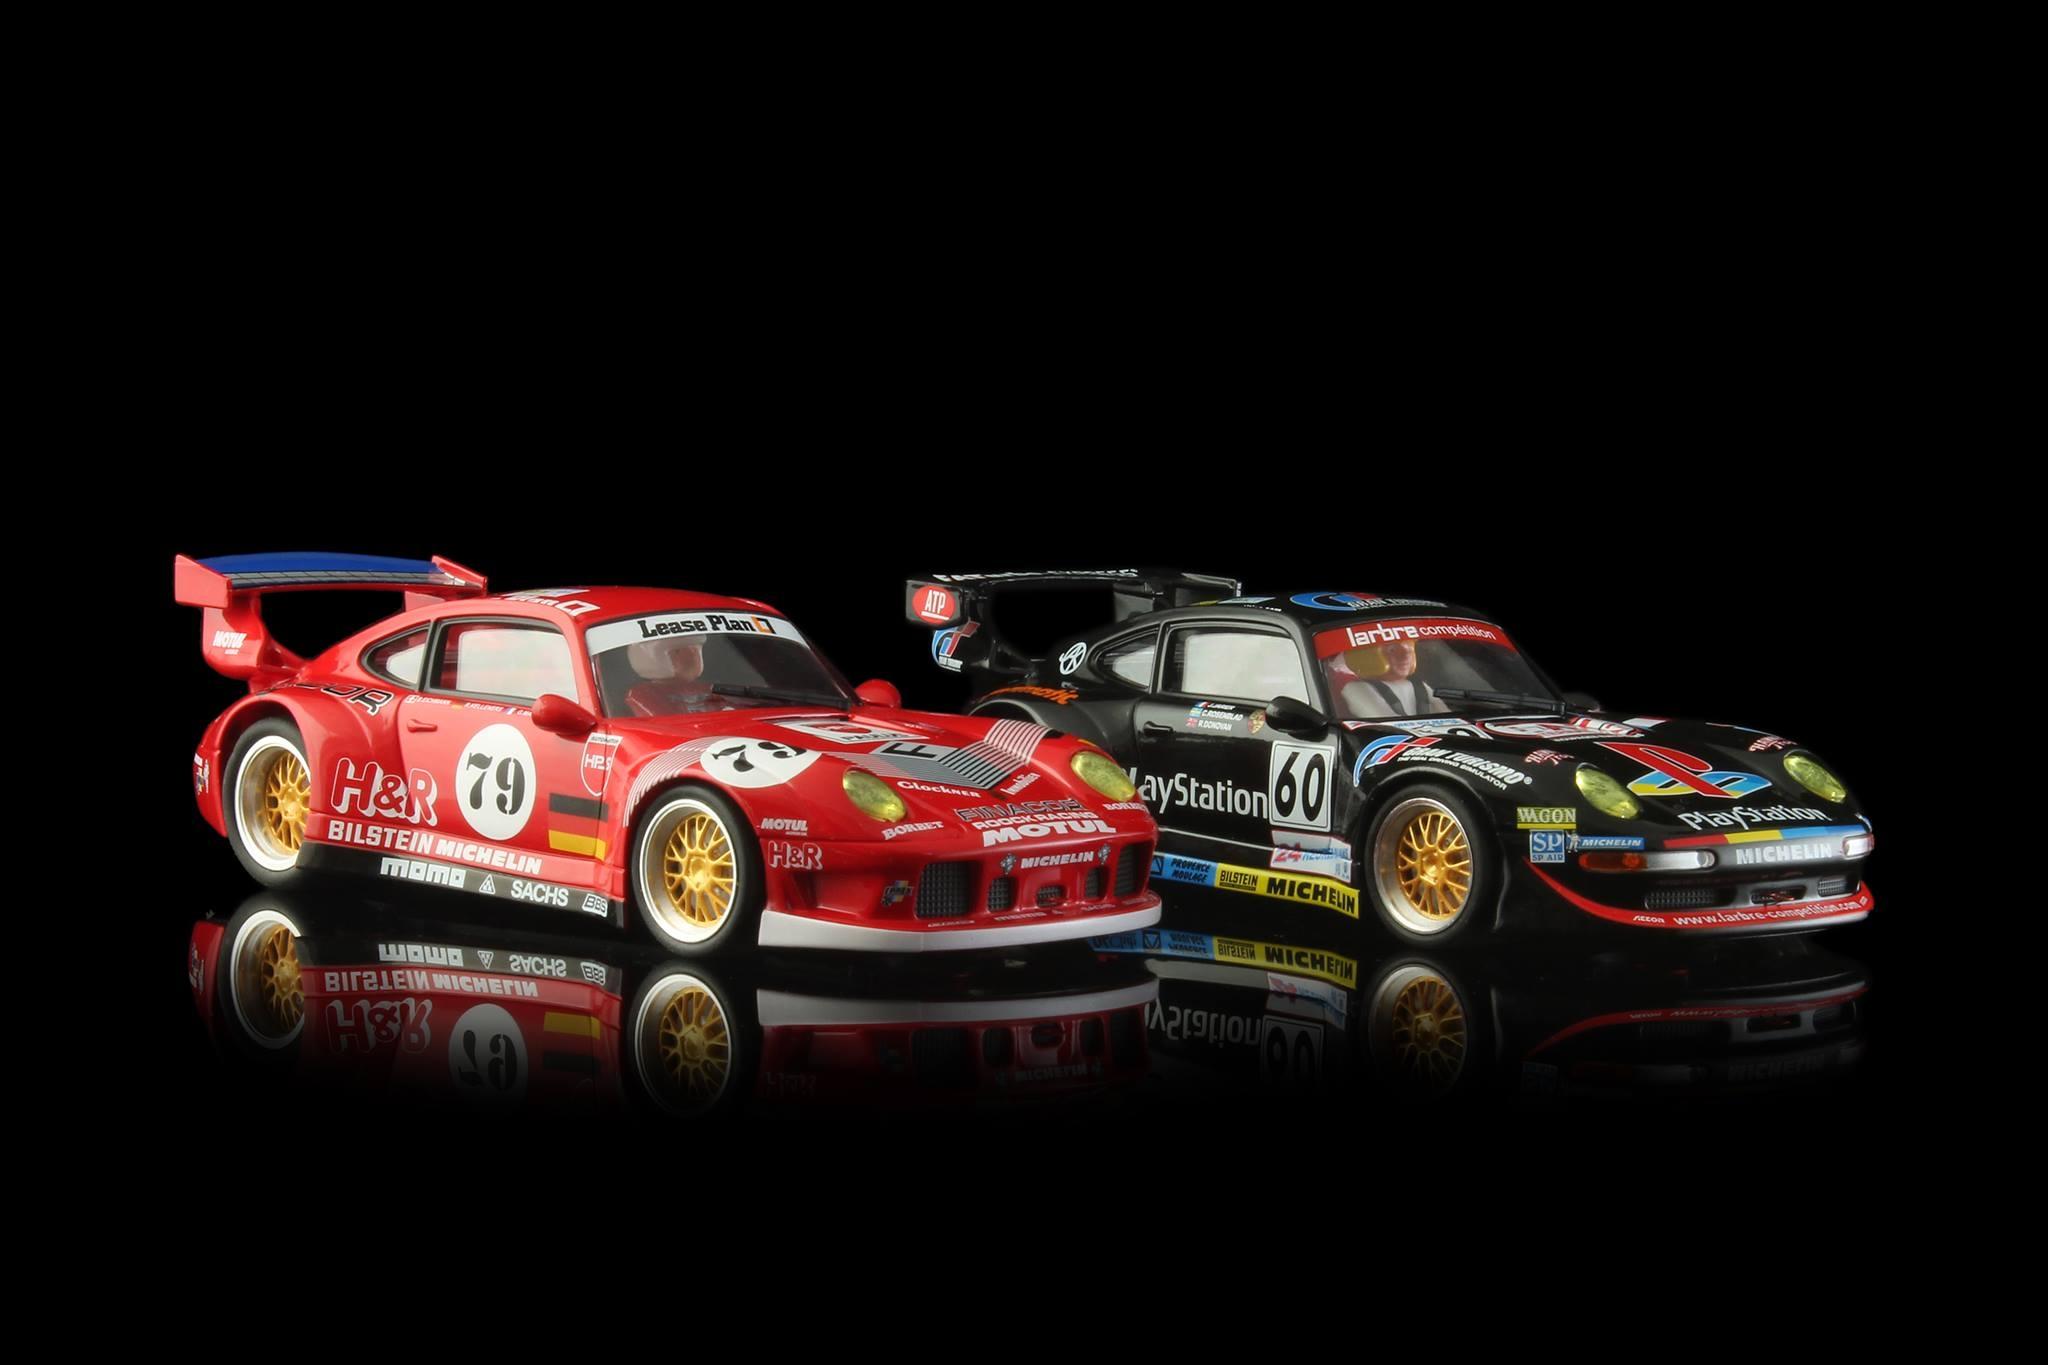 REVOSLOT: LES PORSCHE 911 GT2 - 24 H LE MANS 1996 ET 1998